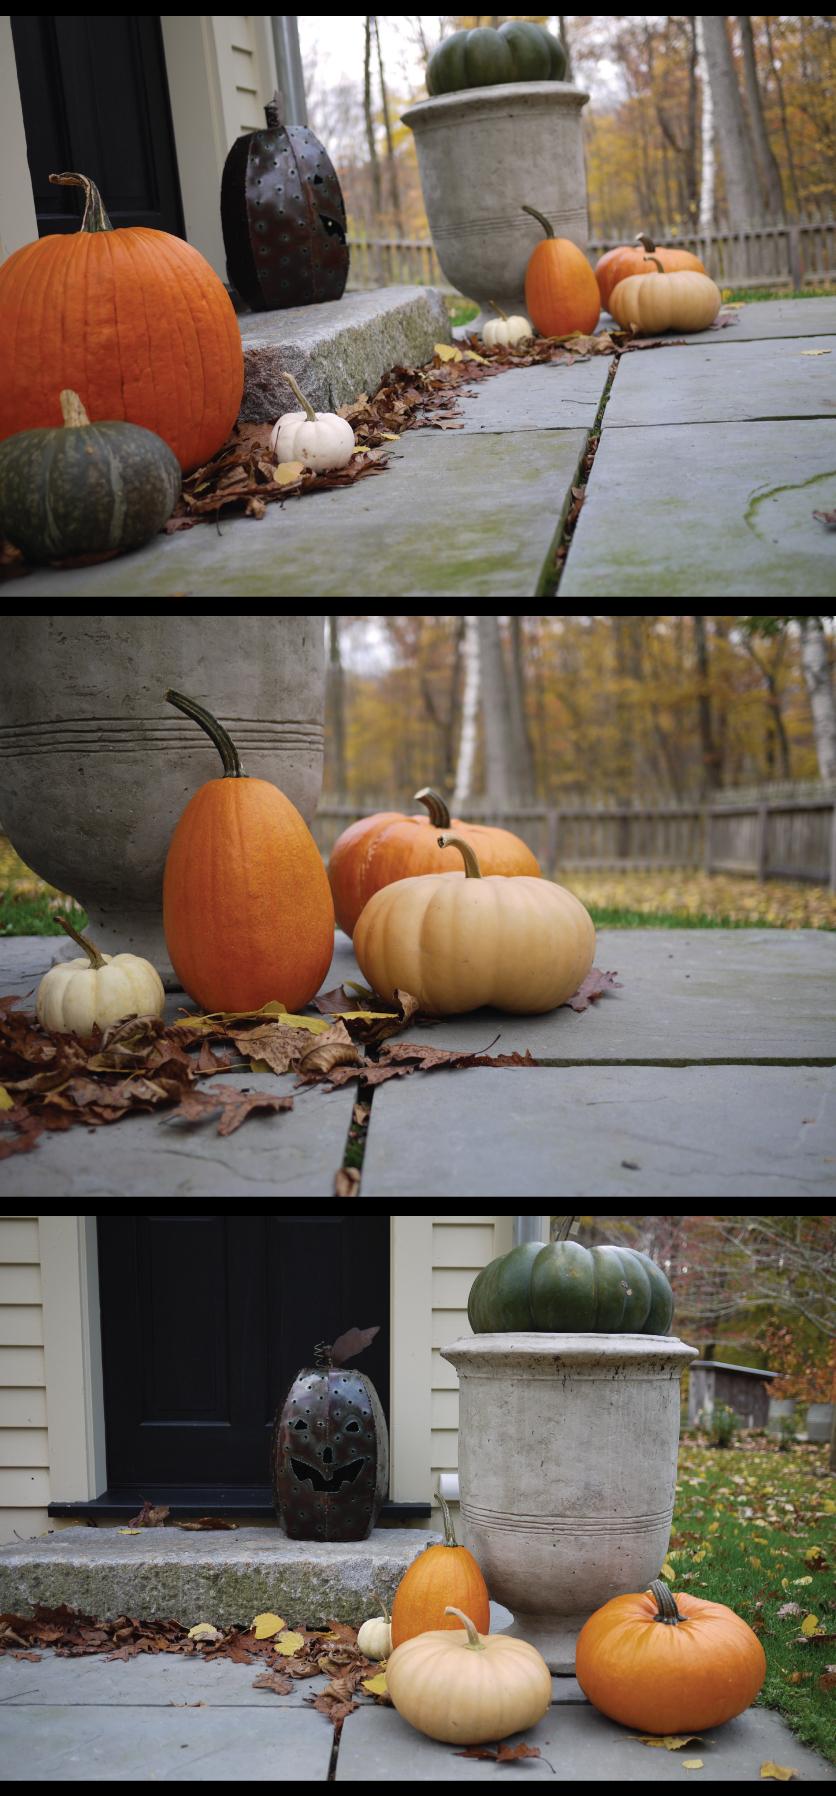 Halloween-Pumpkins-at-the-Front-Door